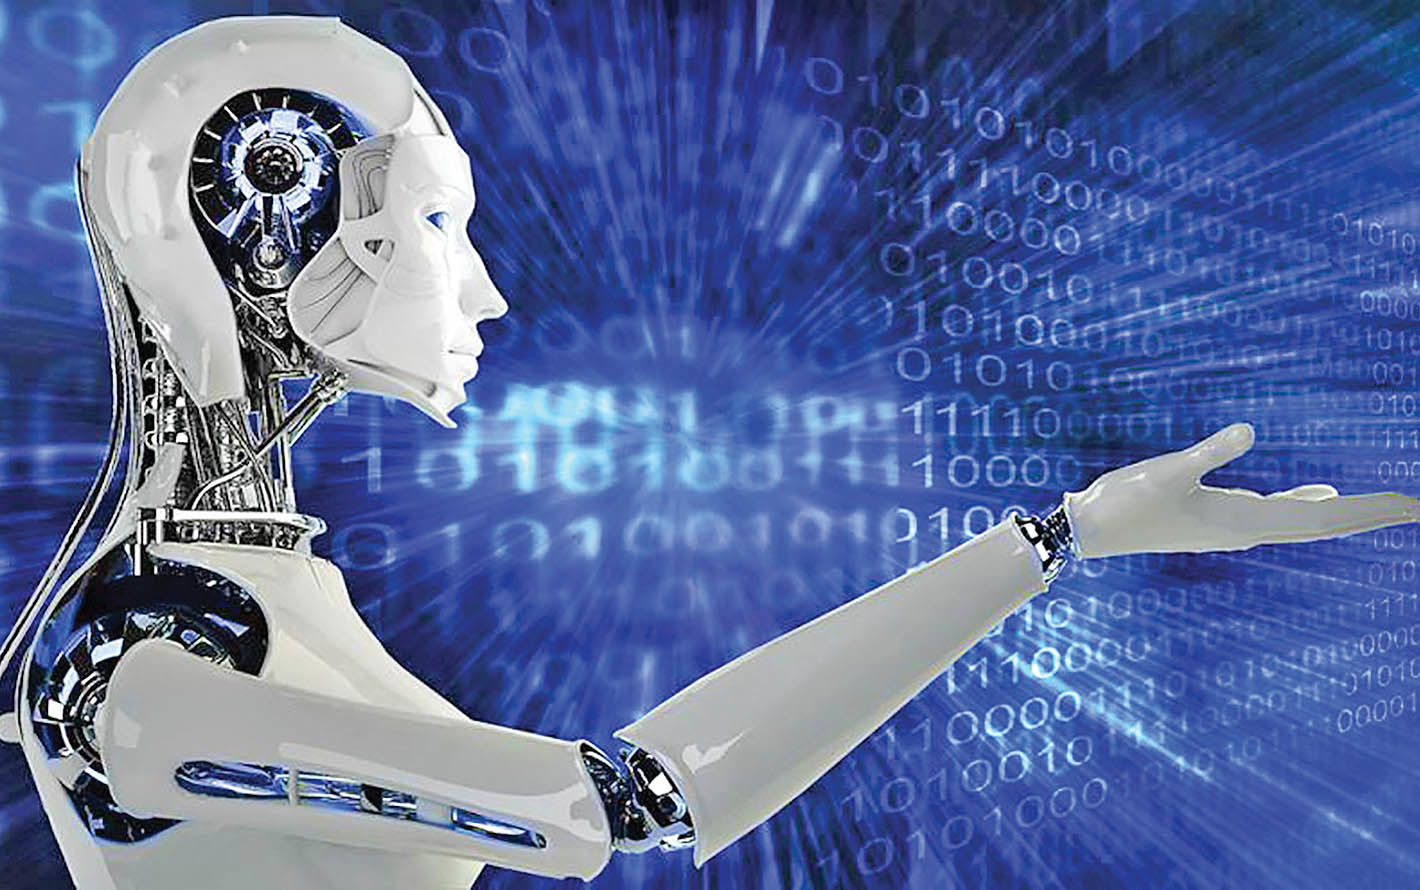 بررسی قوانین هوش مصنوعی در جهان